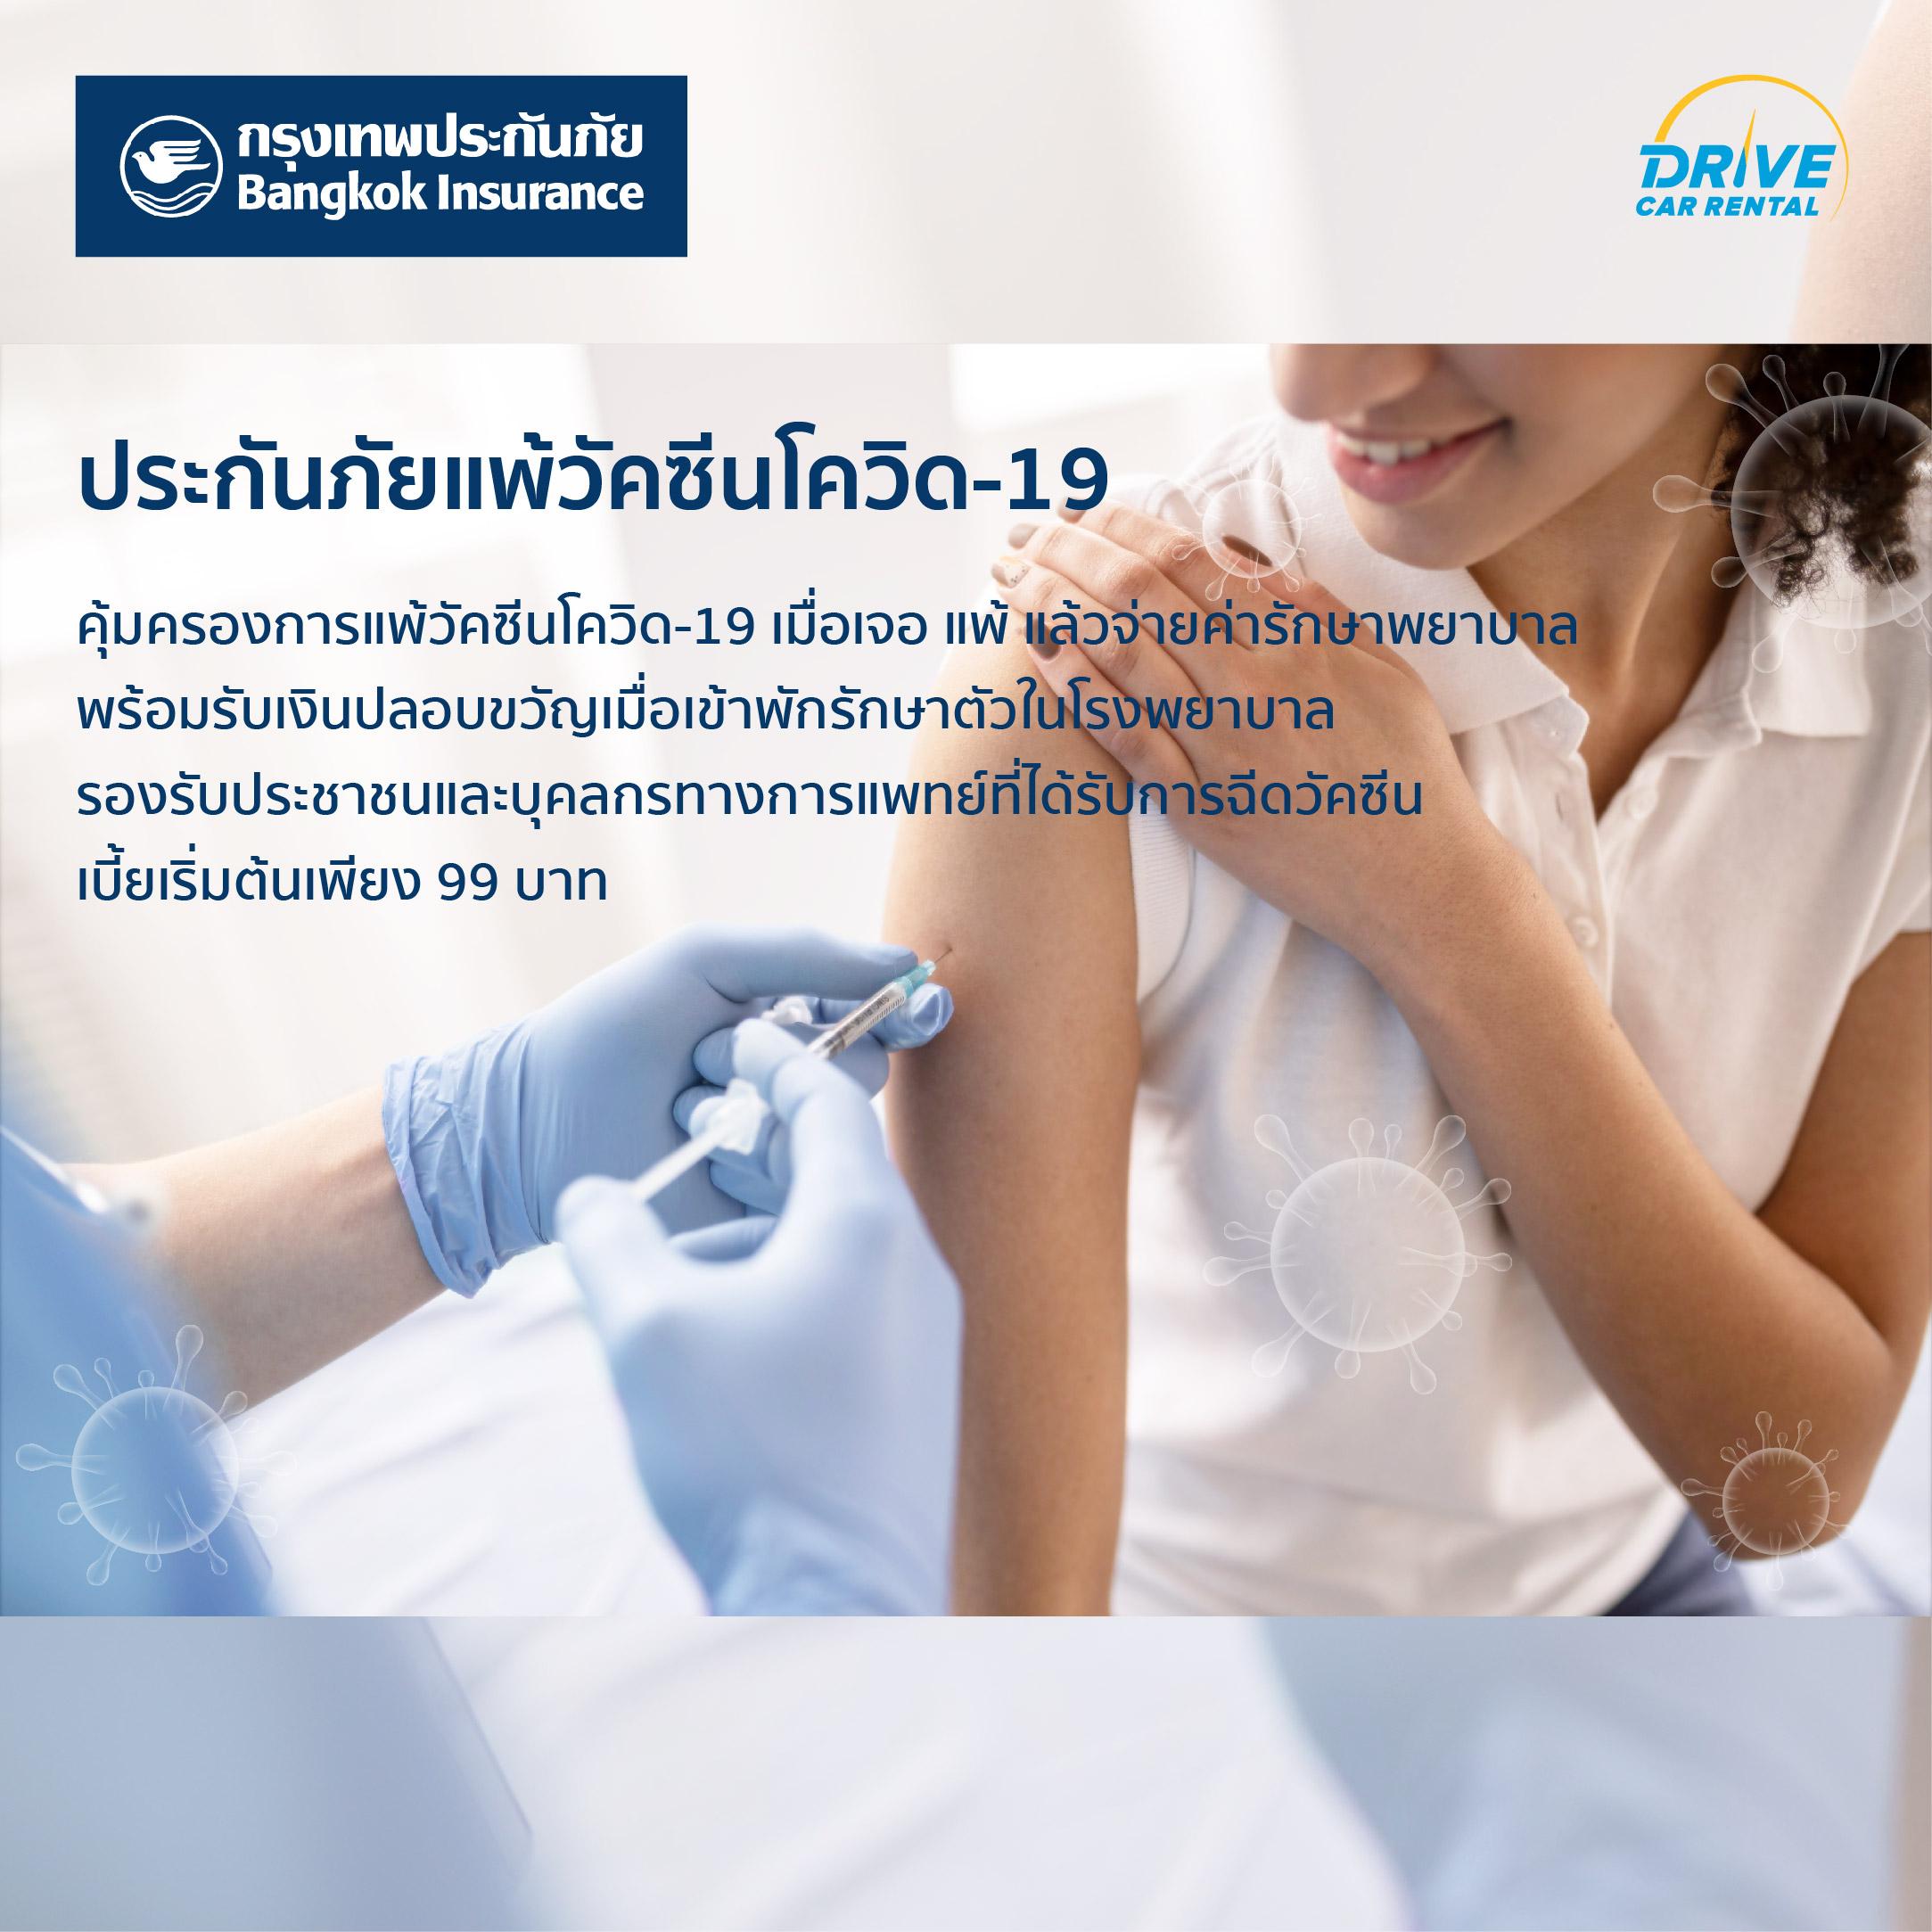 ประกันแพ้วัคซีนโควิด-19_กรุงเทพประกันภัย